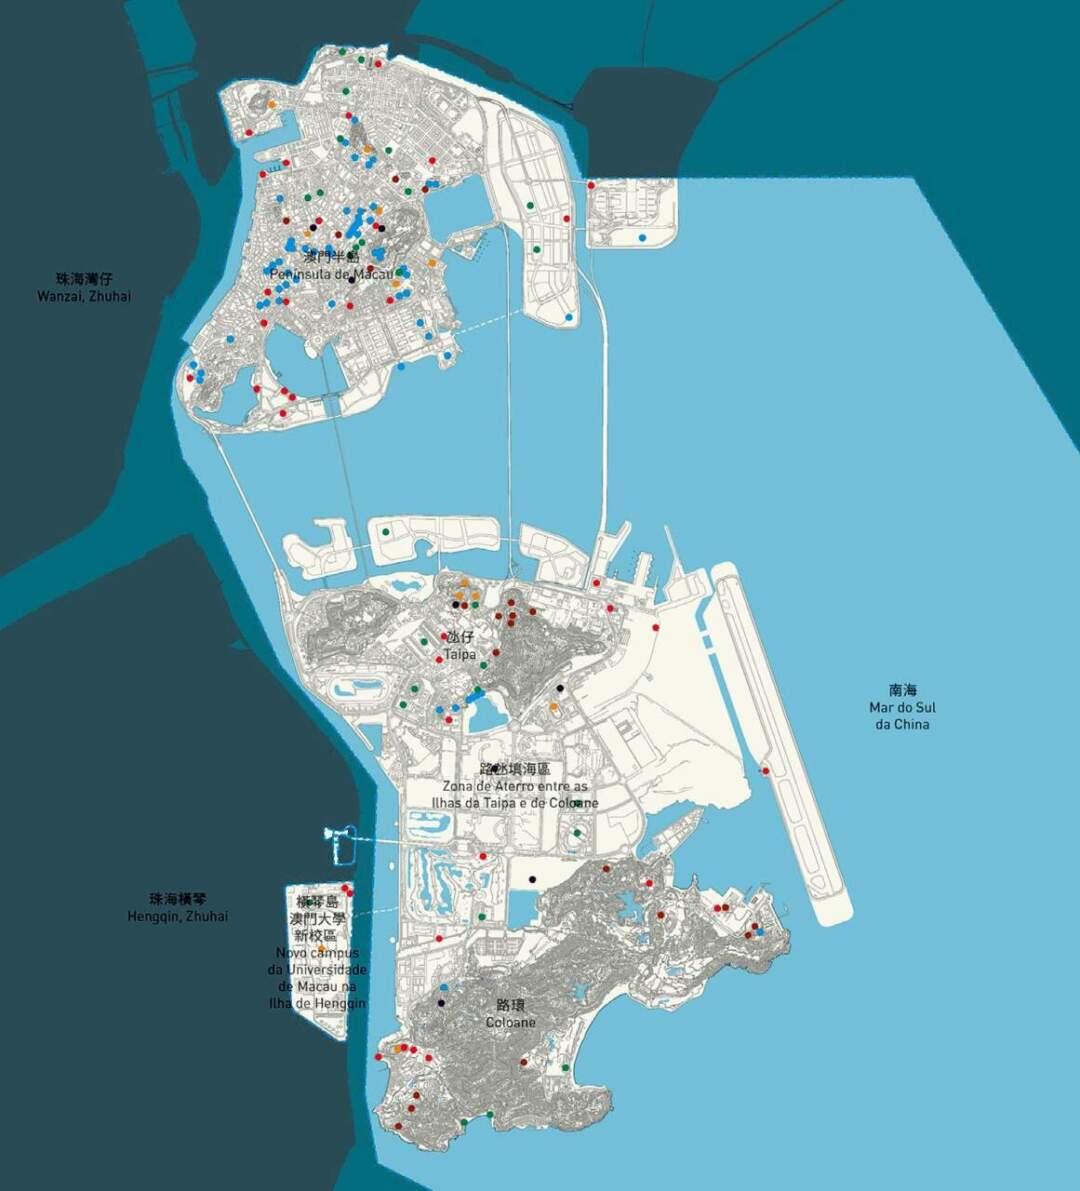 現時每區各項公共設施分佈顯然並不平均。圖片來源:總規諮詢文本